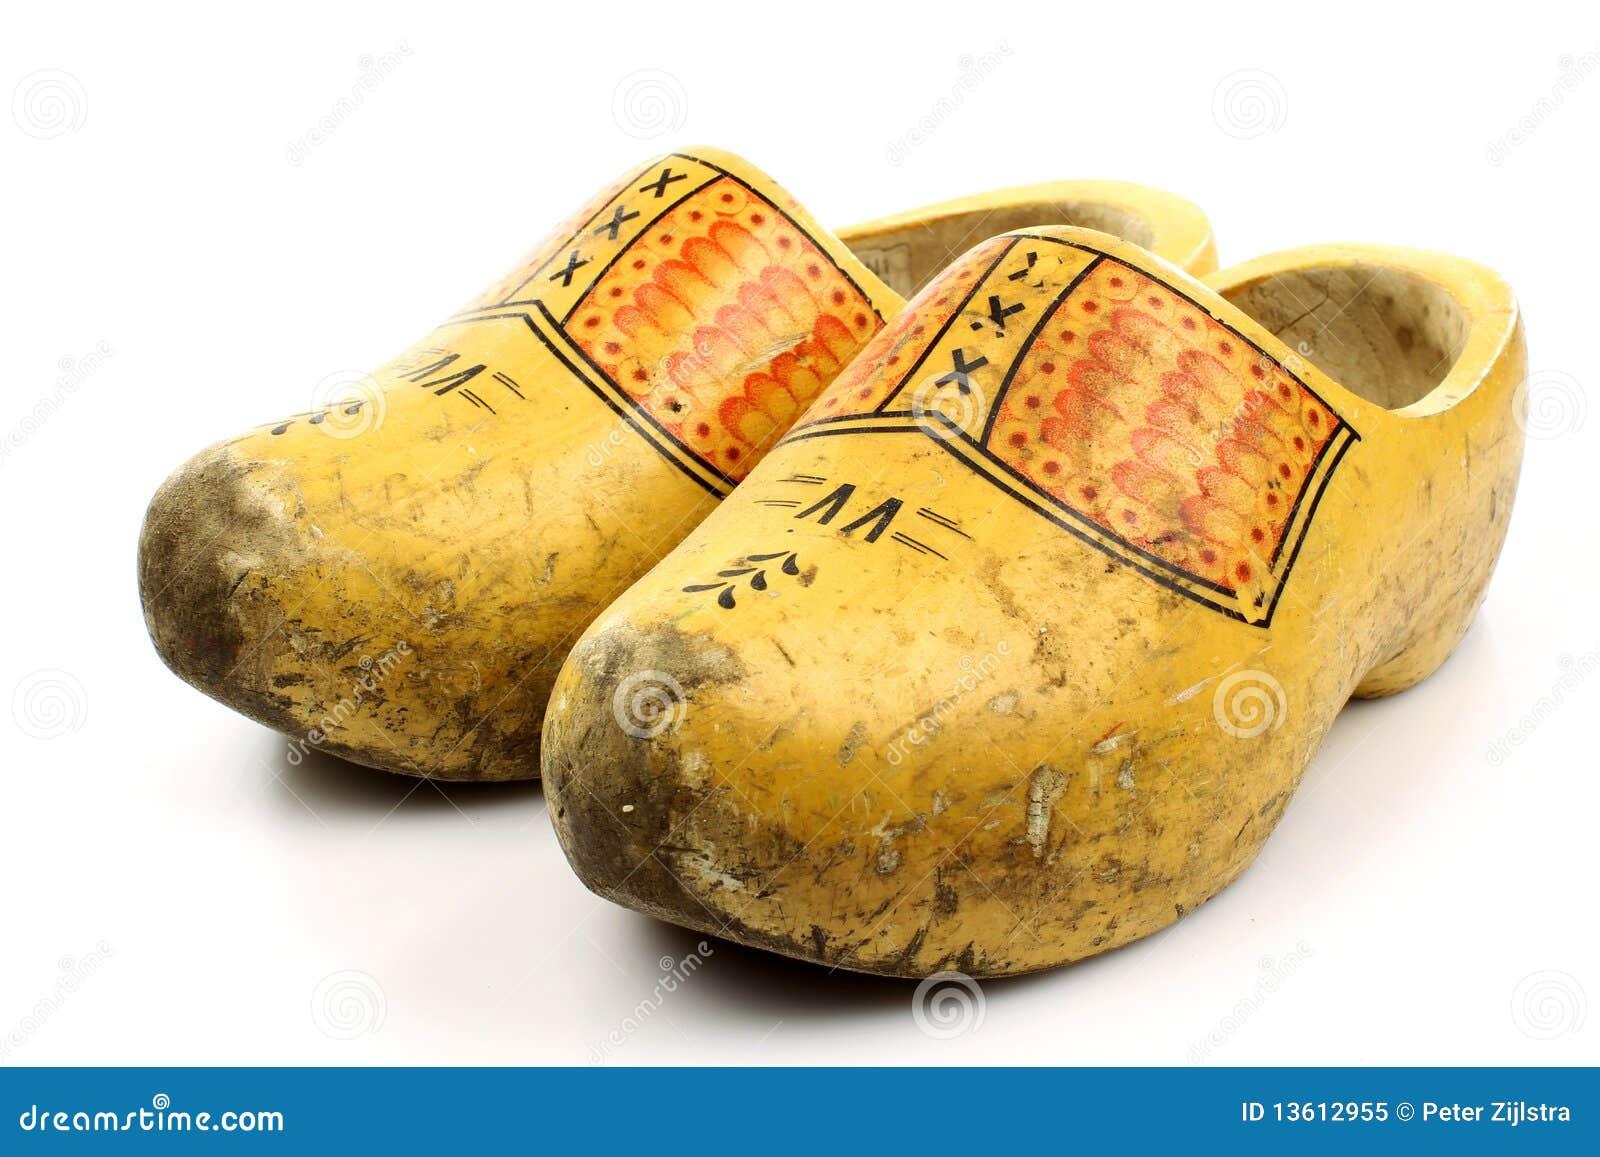 Pares de zapatos de madera amarillos holandeses tradicionales